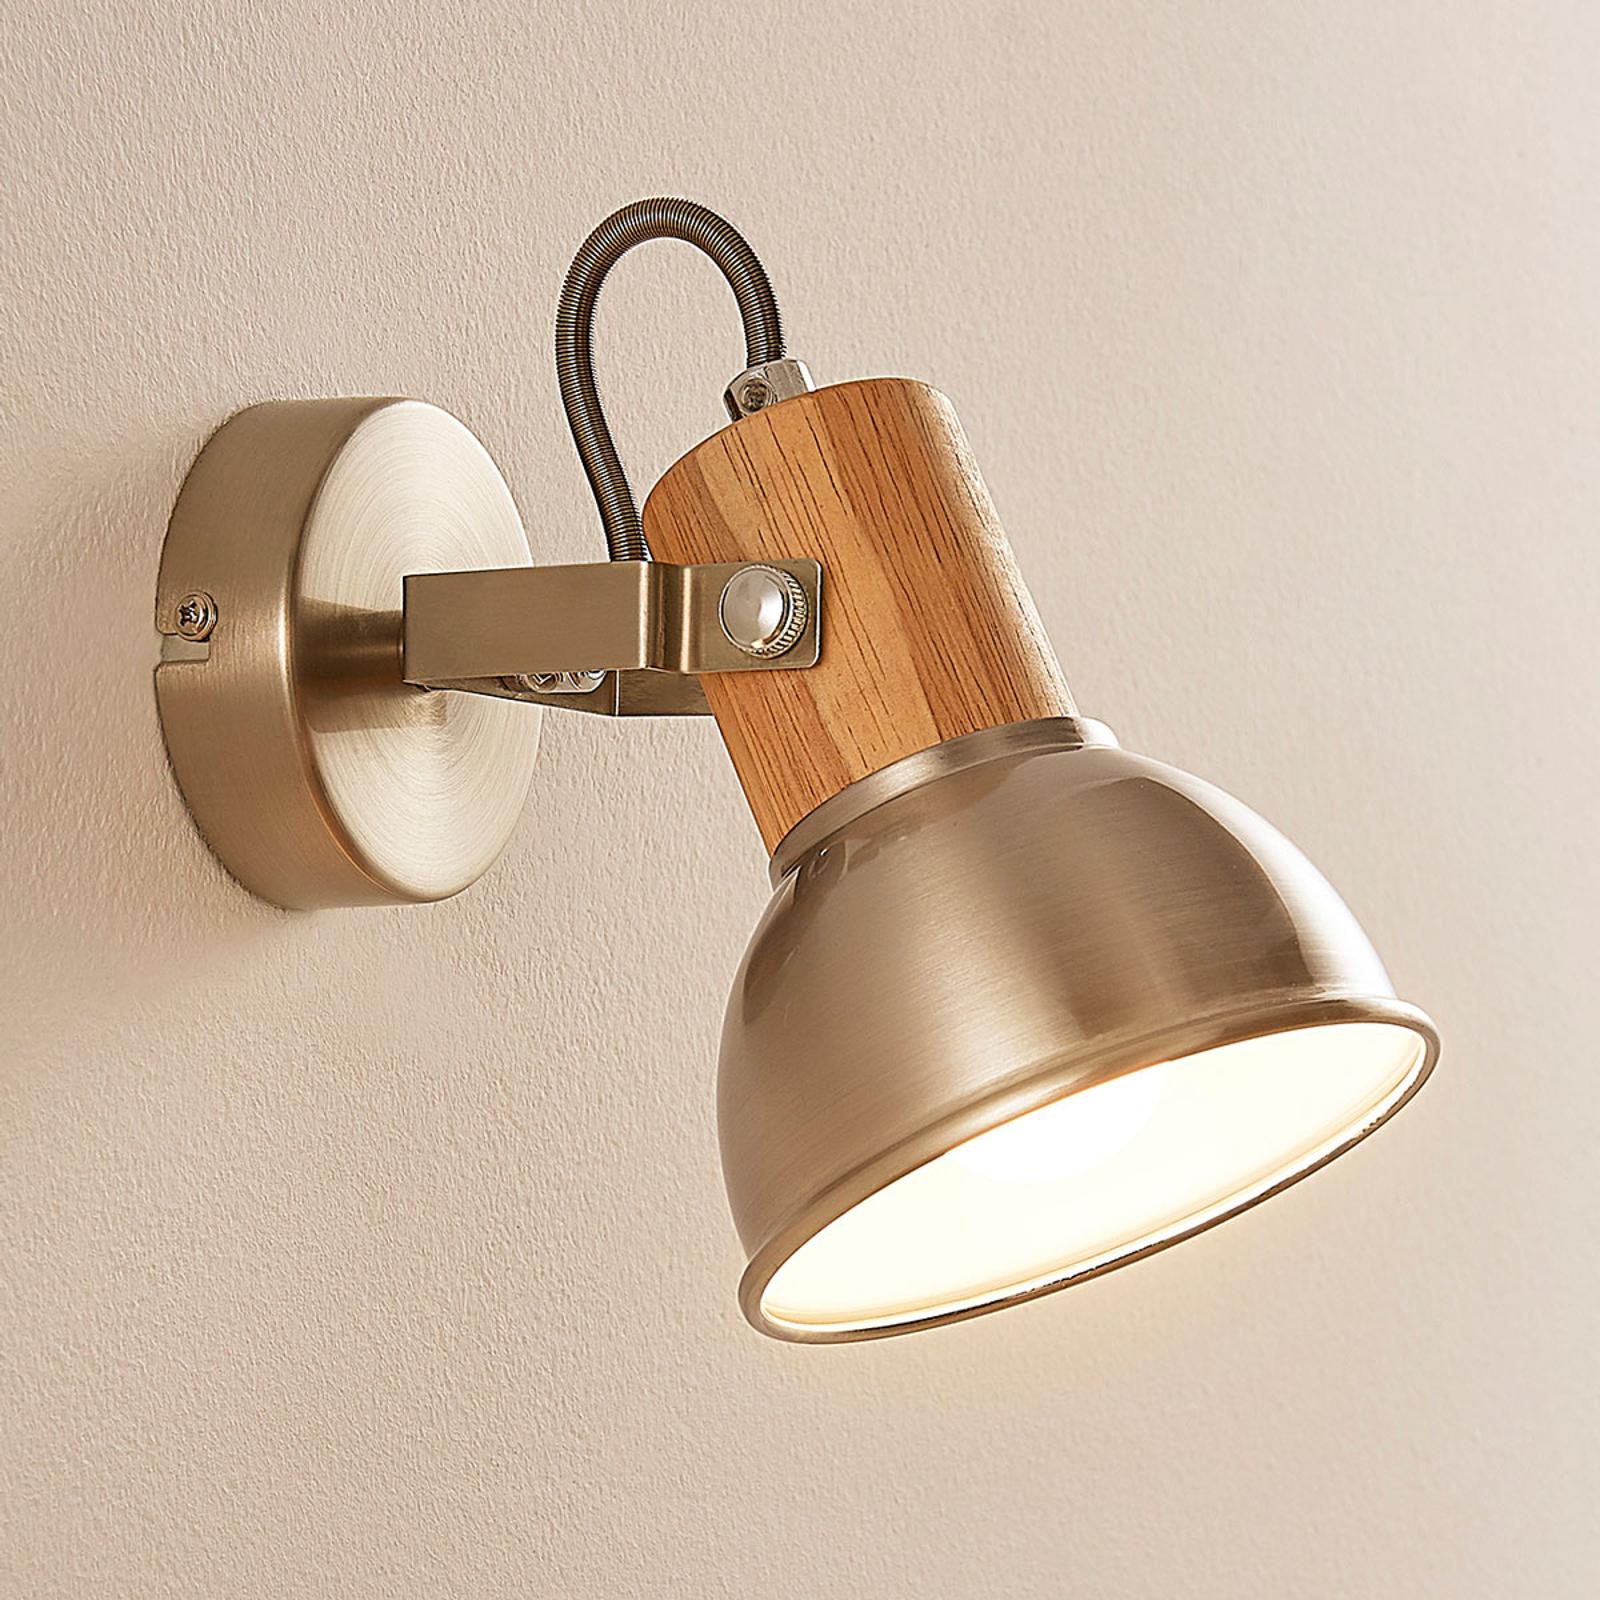 Nástěnné a stropní LED spoty s dřevěnými detaily